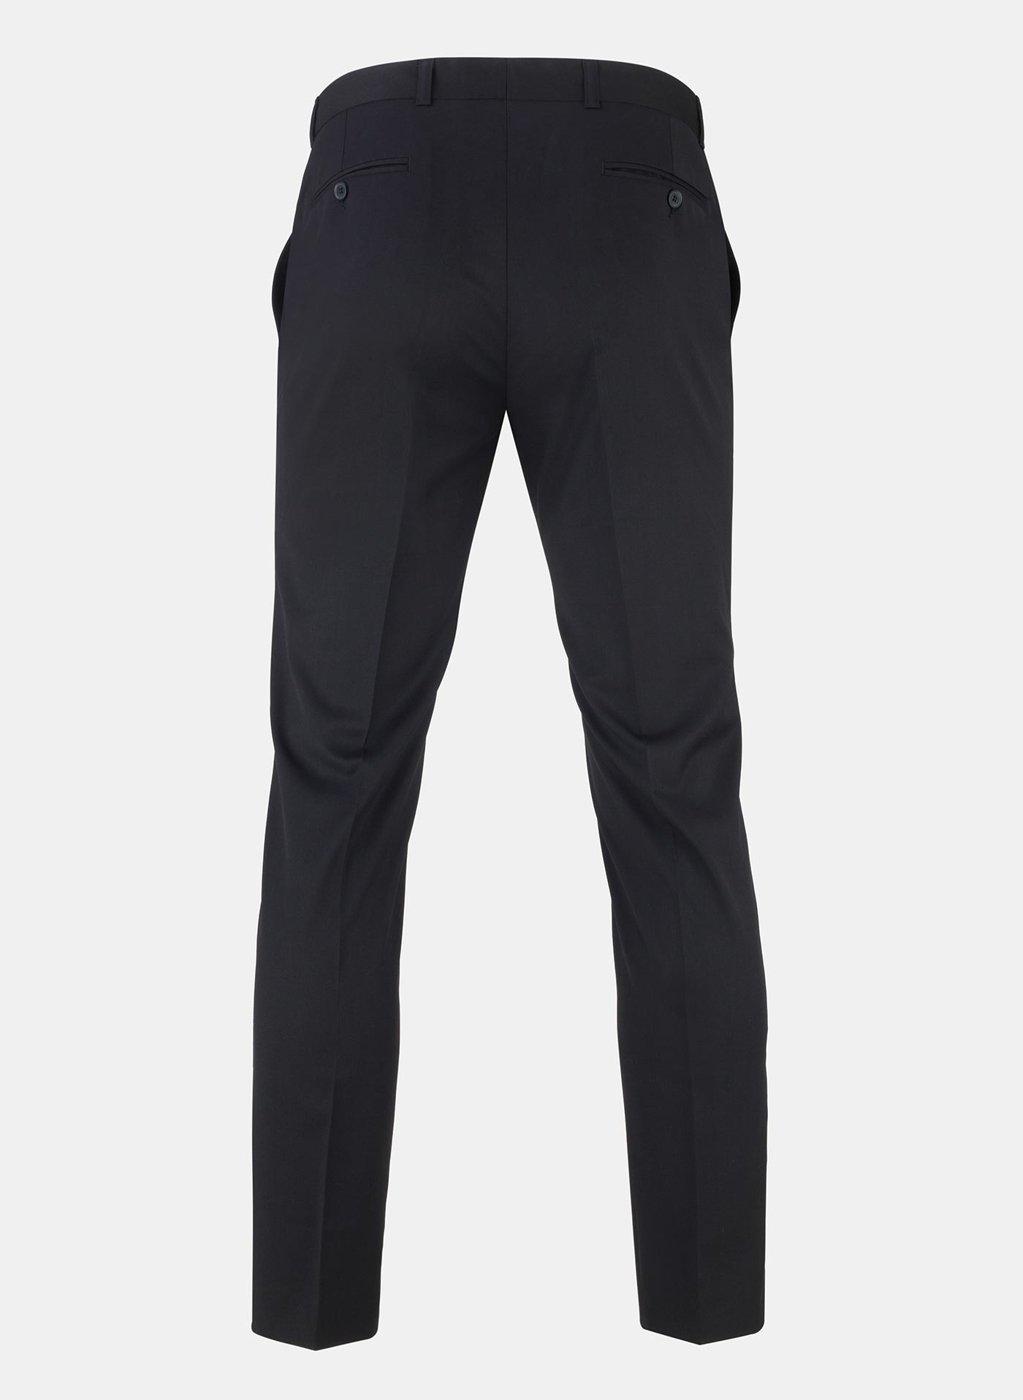 Spodnie męskie garniturowe FENREI PLM-6G-195-C